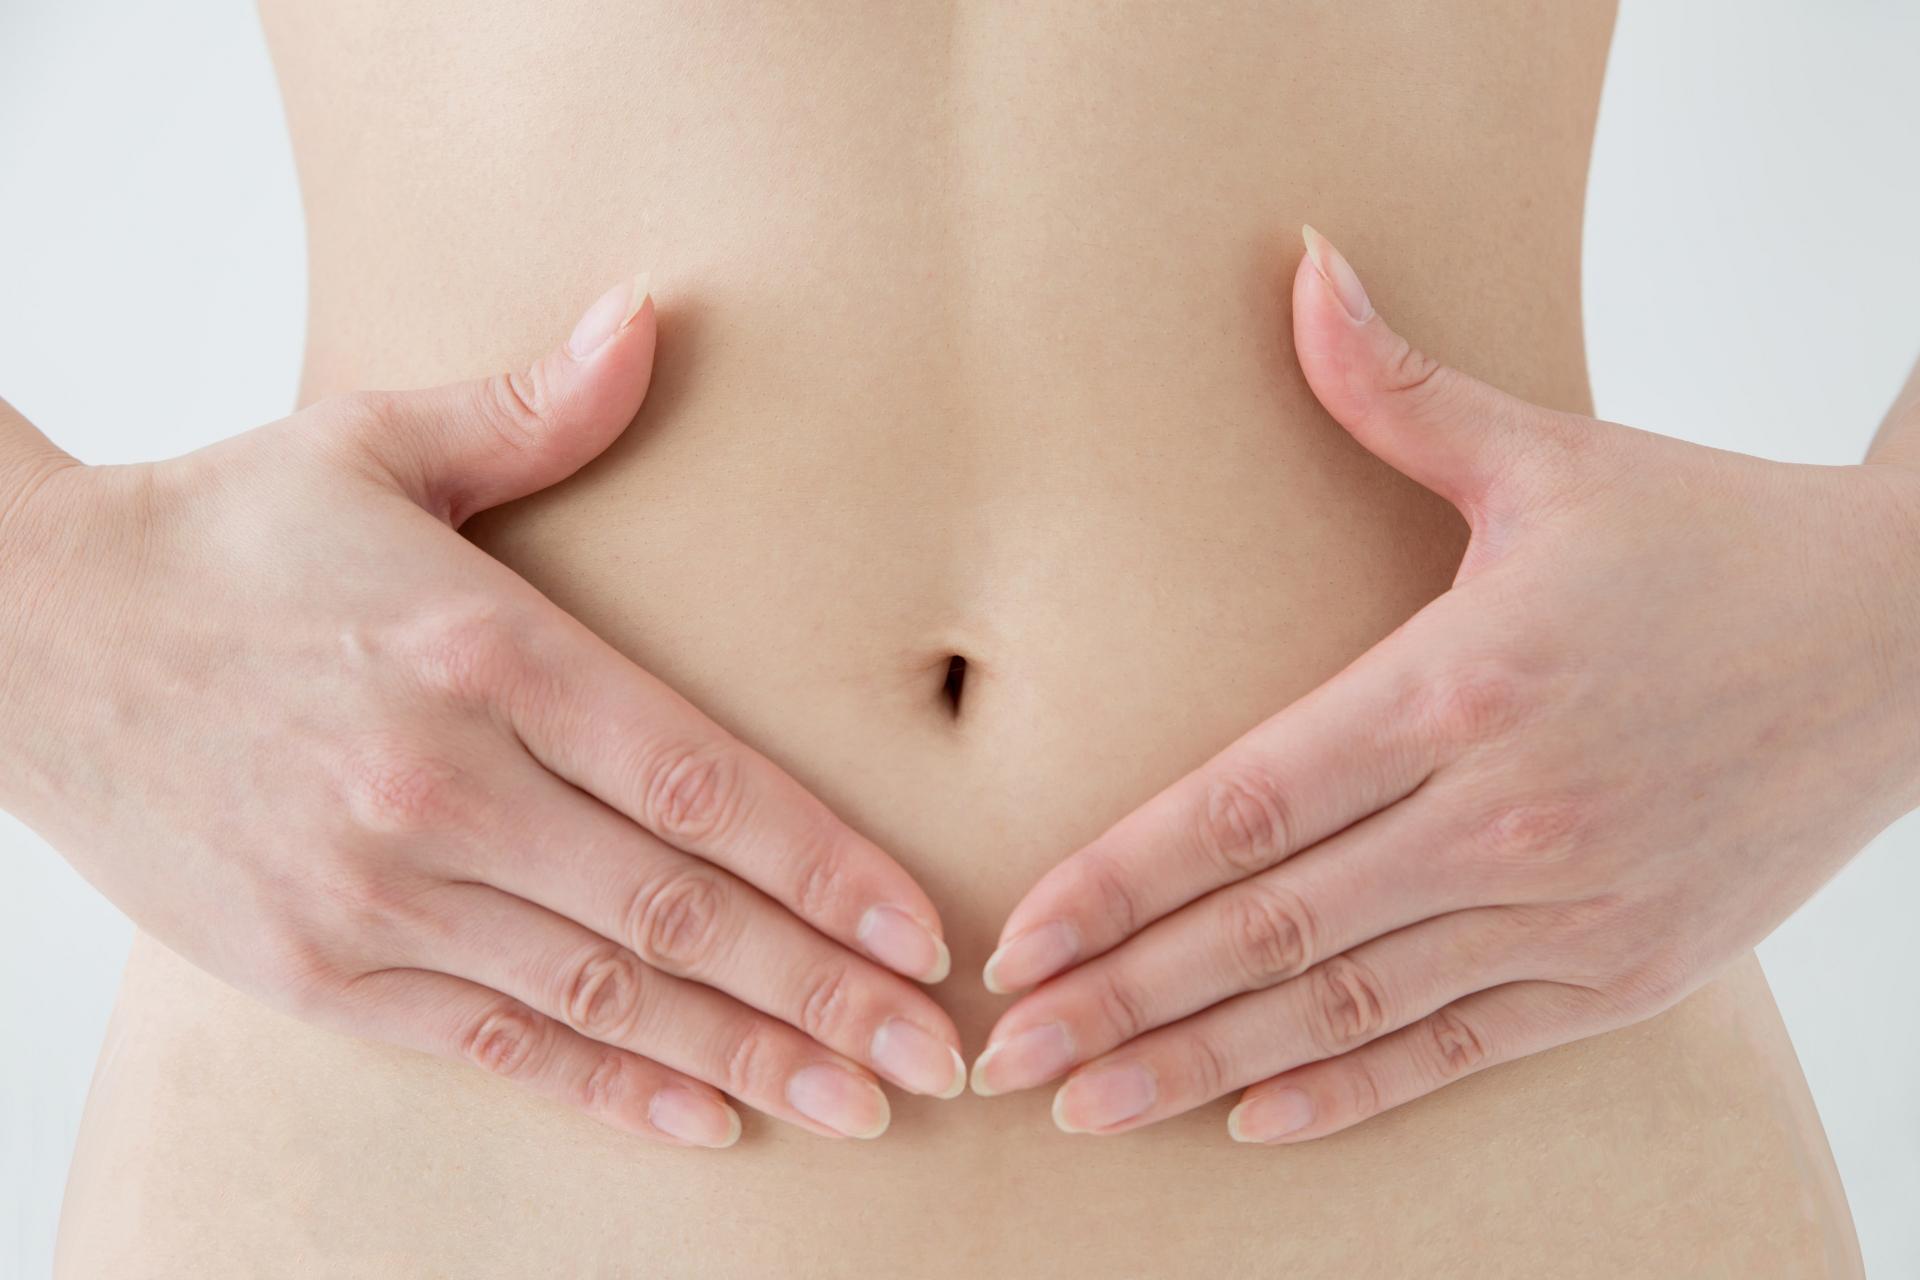 大腸・子宮・骨盤の為のセラピーのイメージ